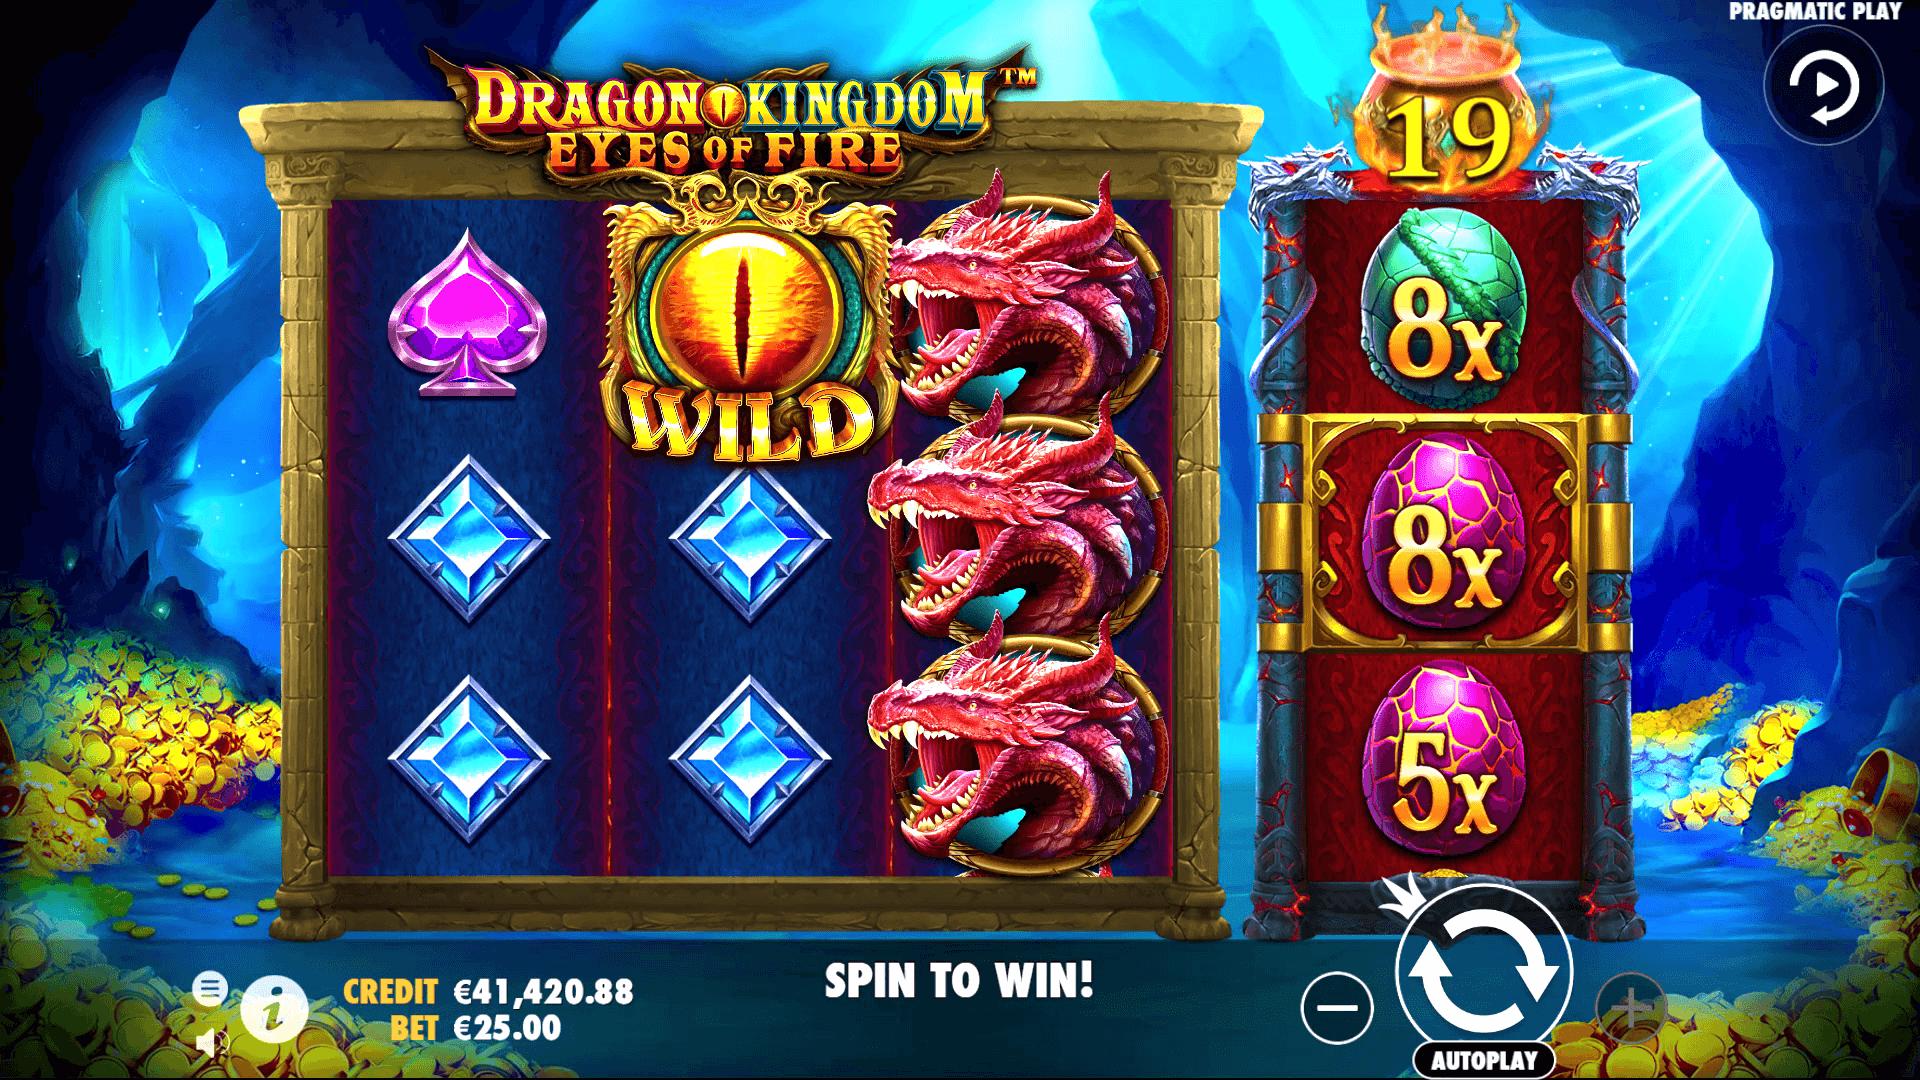 Dragon-Kingdom-Eyes-of-Fire-Pragmatic-Play-desk